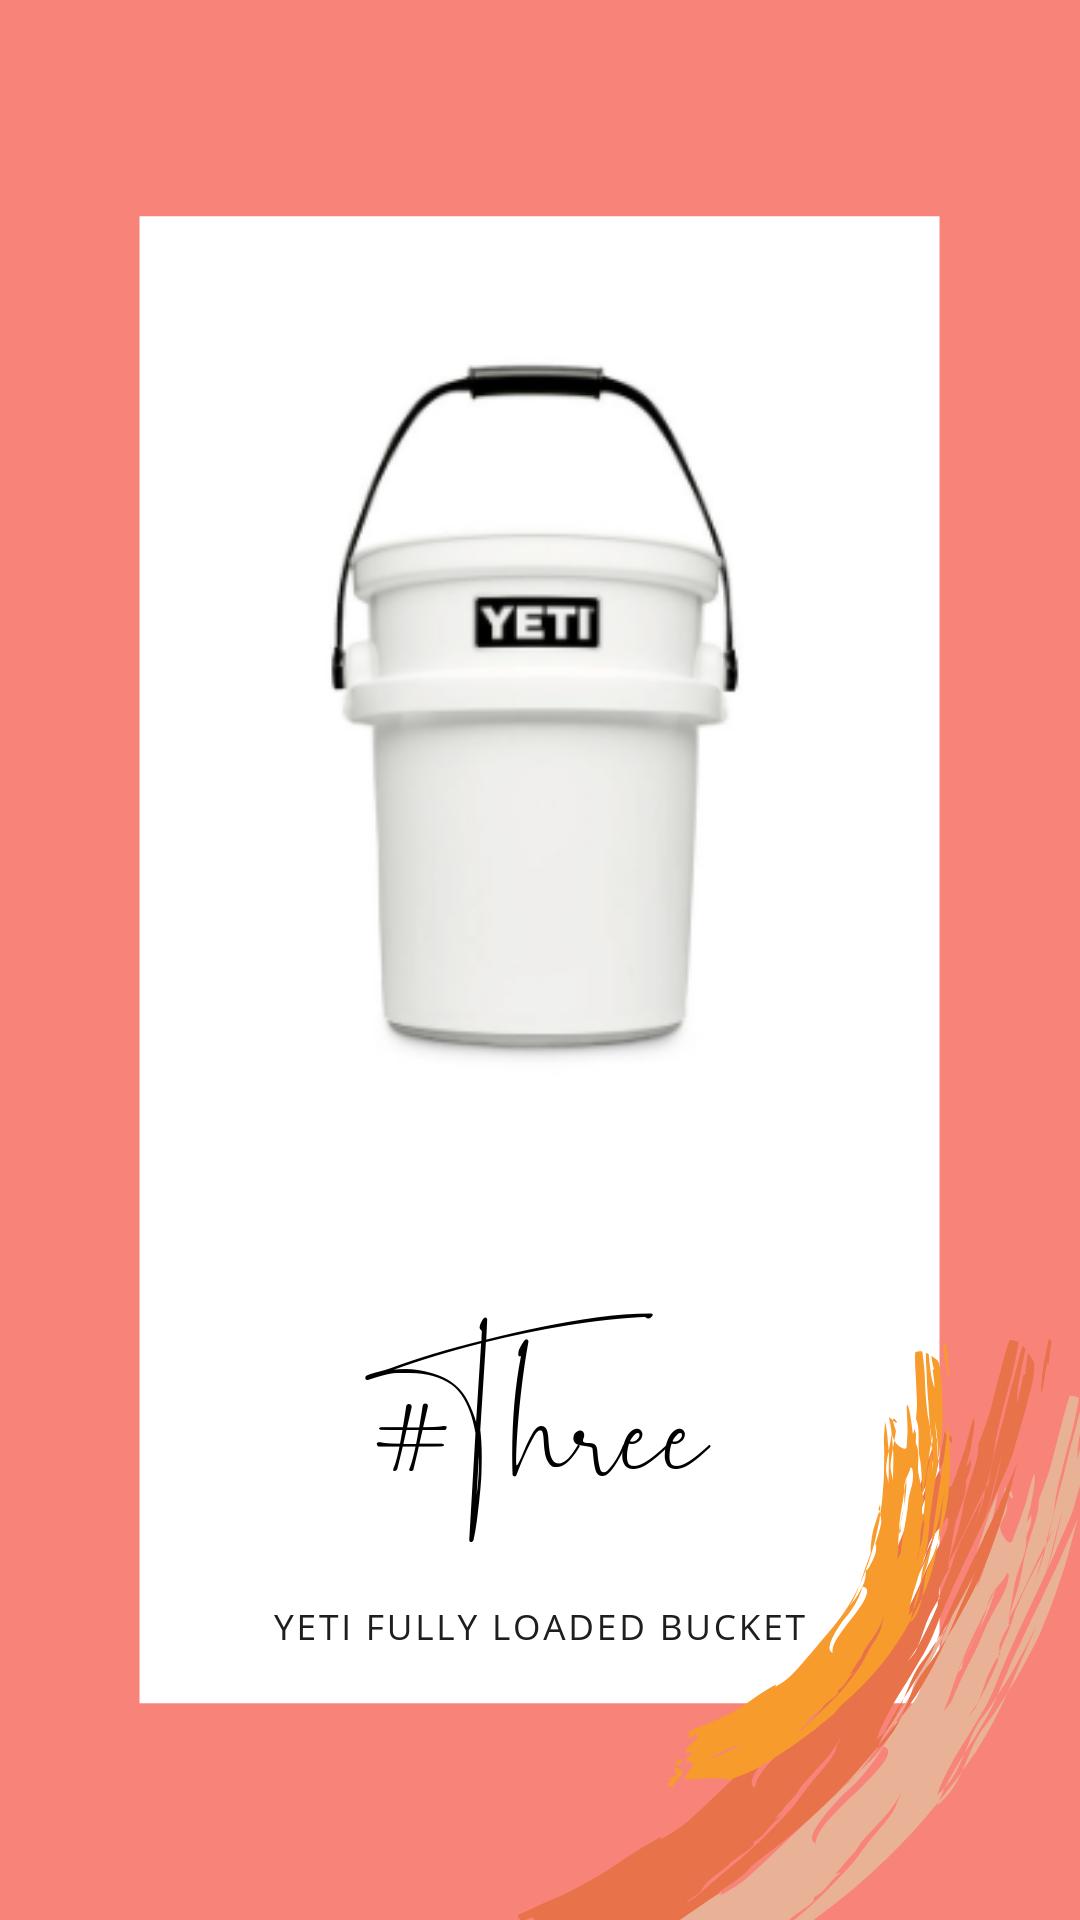 yeti bucket